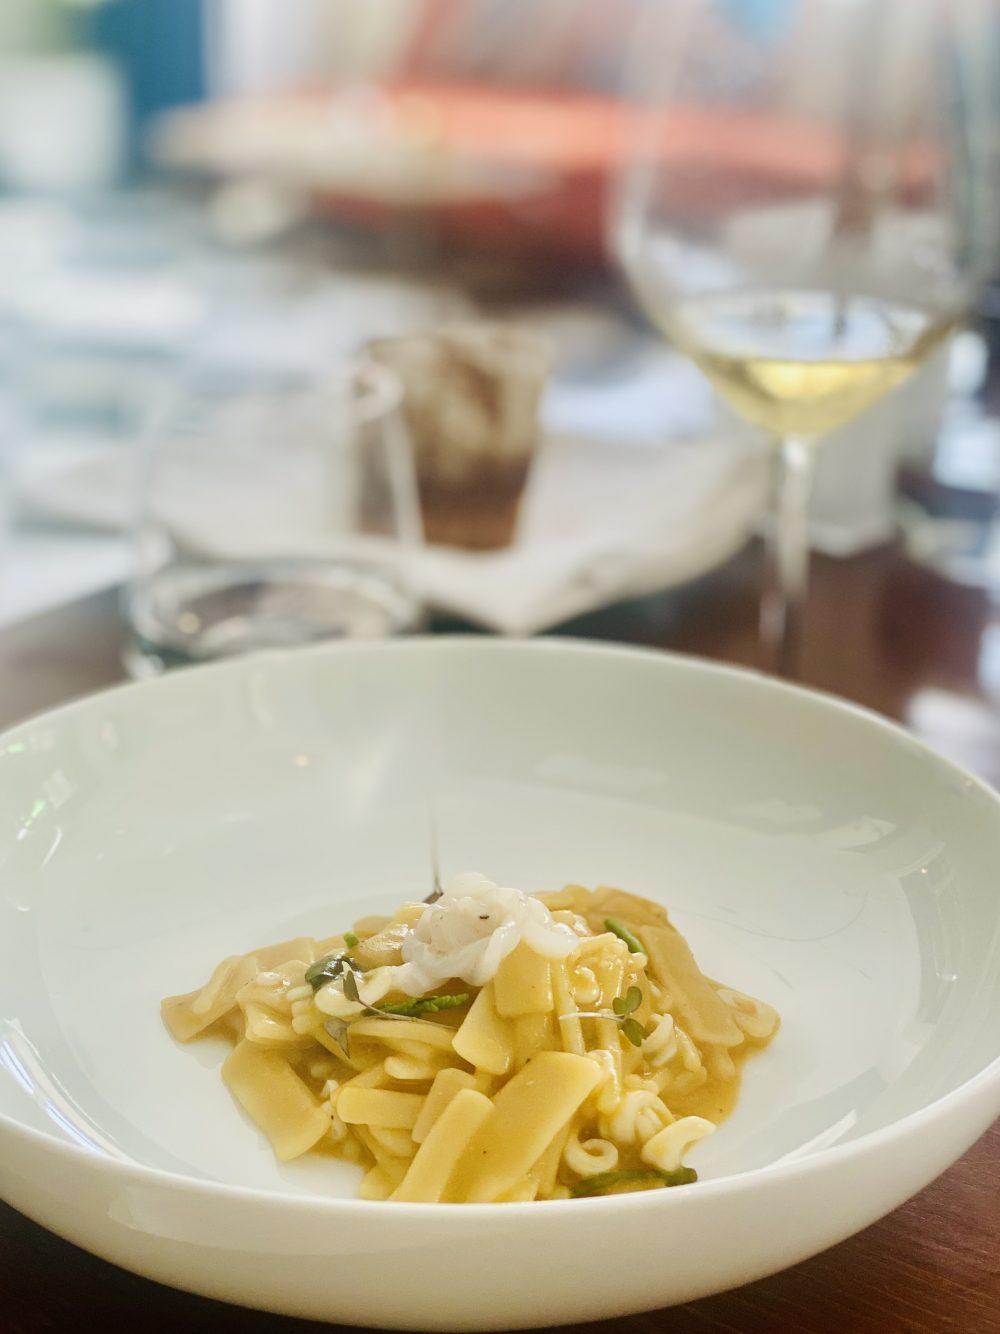 Boccadoro - Mischiato delicato con pomodorini gialli, calamaretti e asparagi di mare